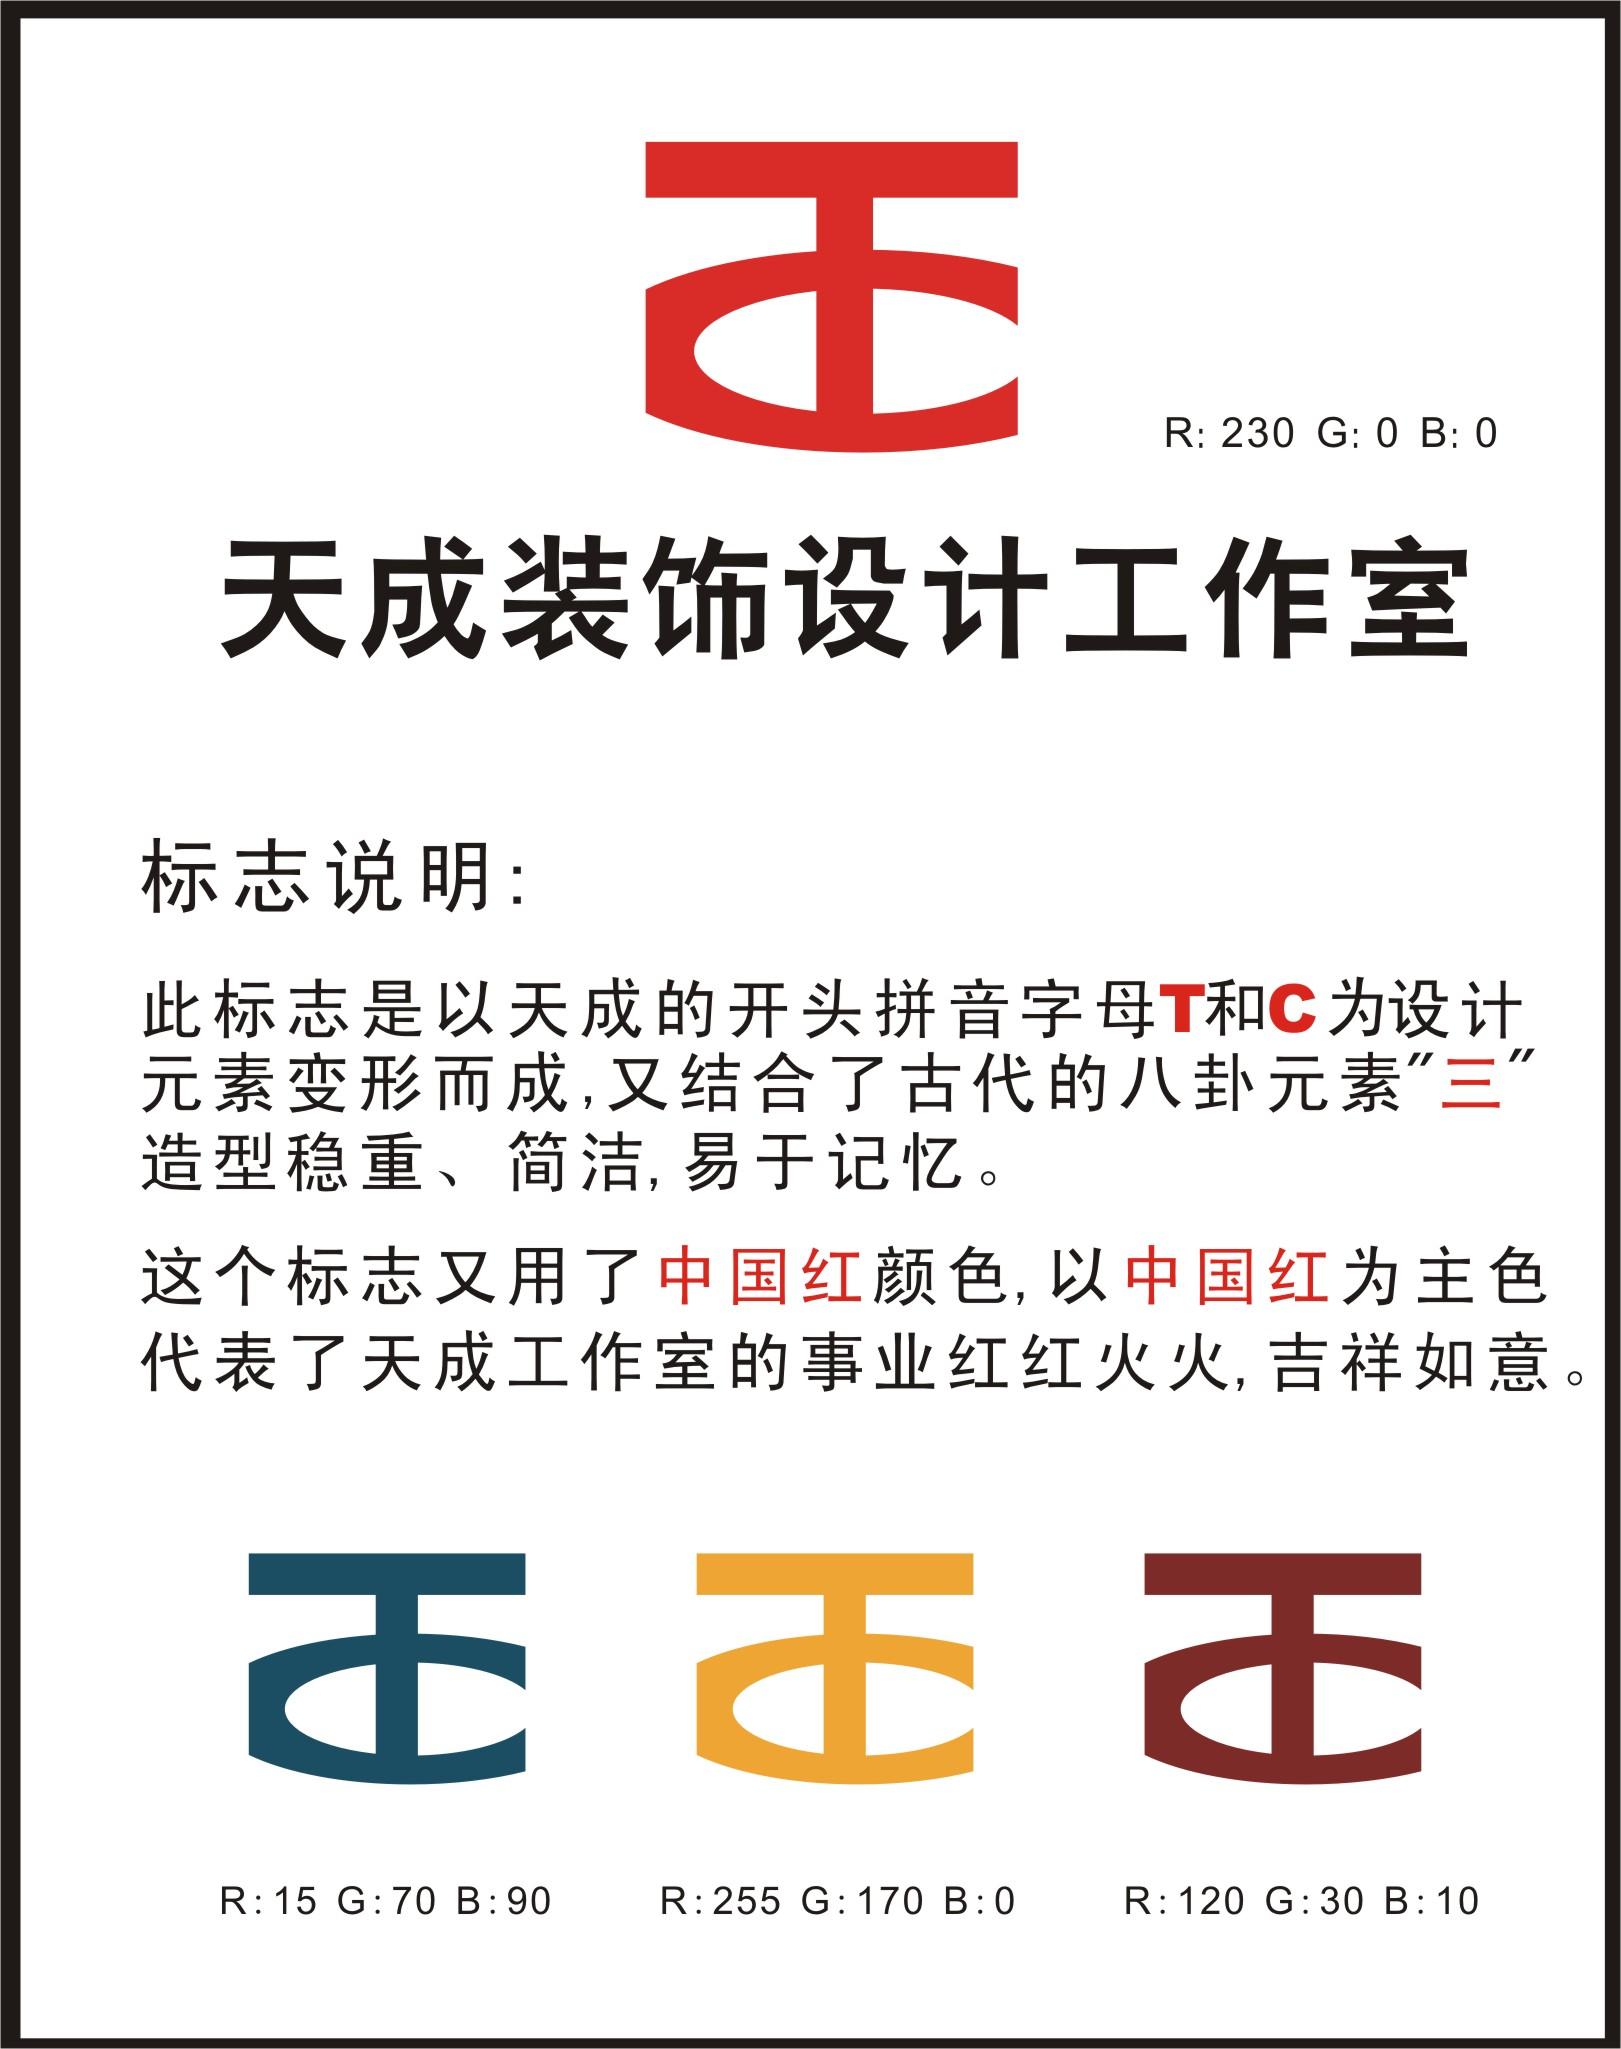 天成裝飾設計工作室logo/名片設計- 稿件[#1031110]